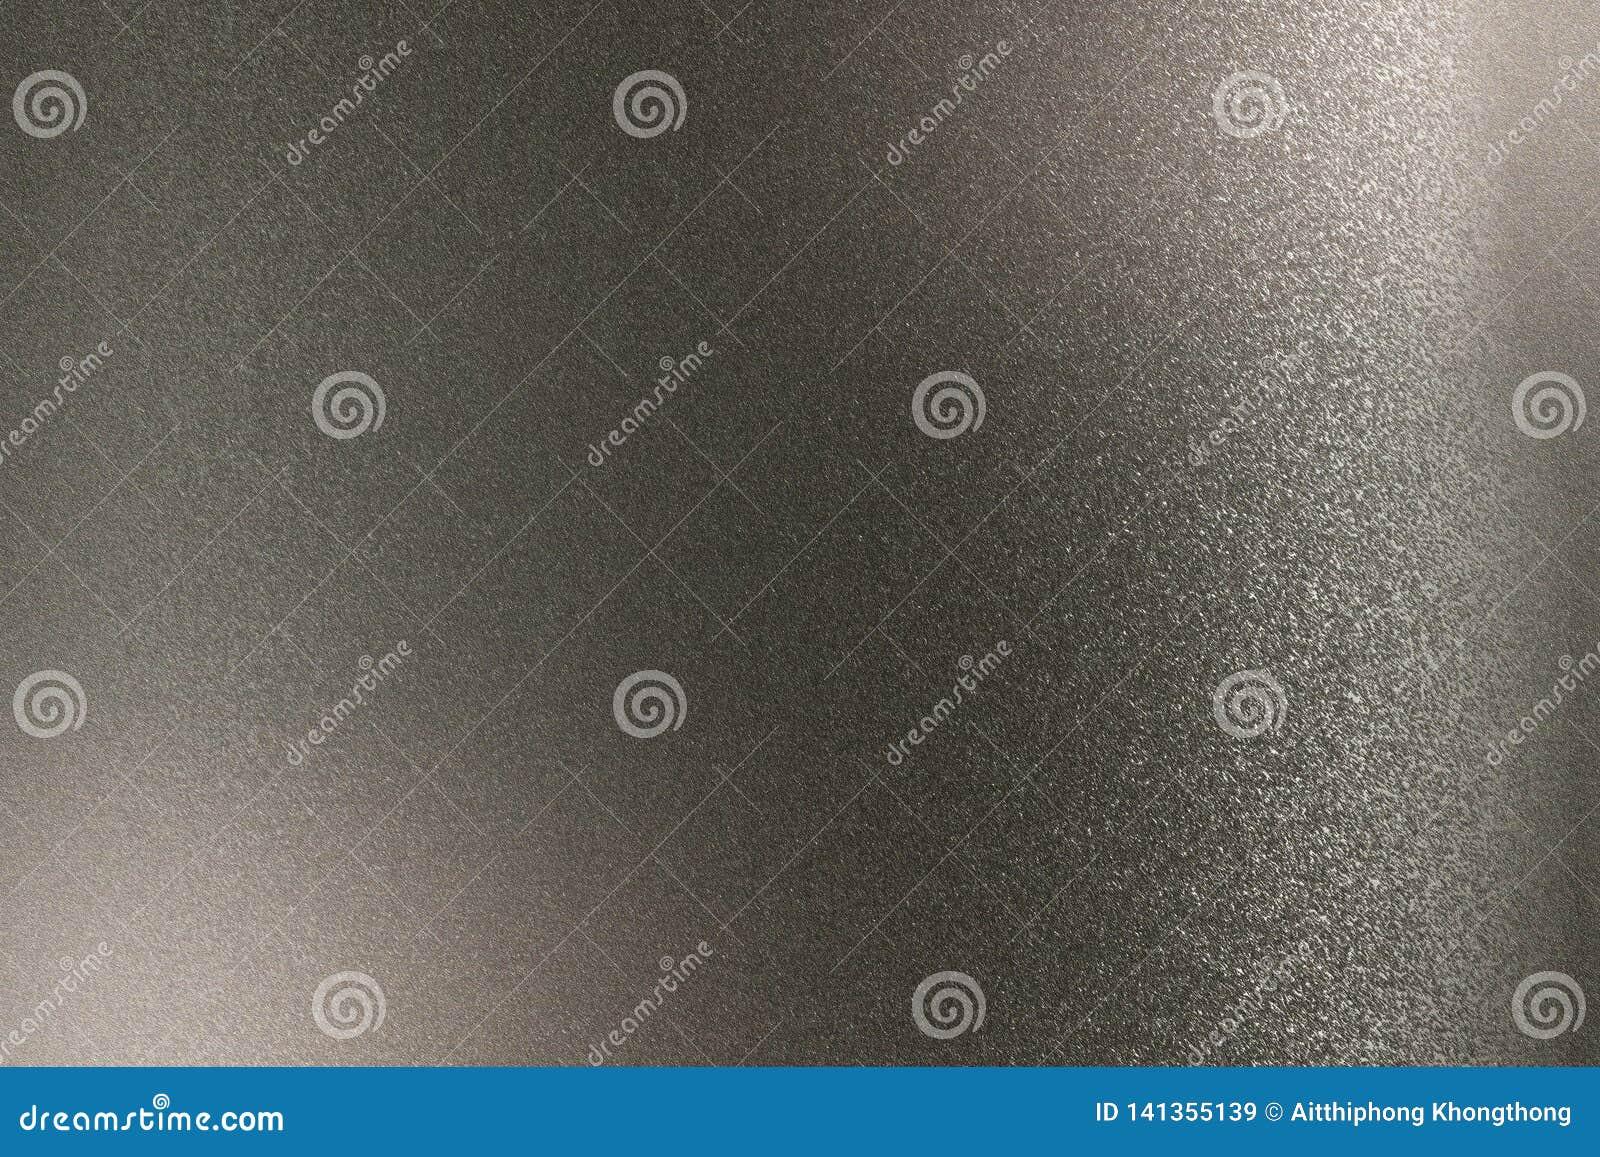 Abstrakter Hintergrund, Brechung auf schwarzer metallischer Wand in der Dunkelkammer